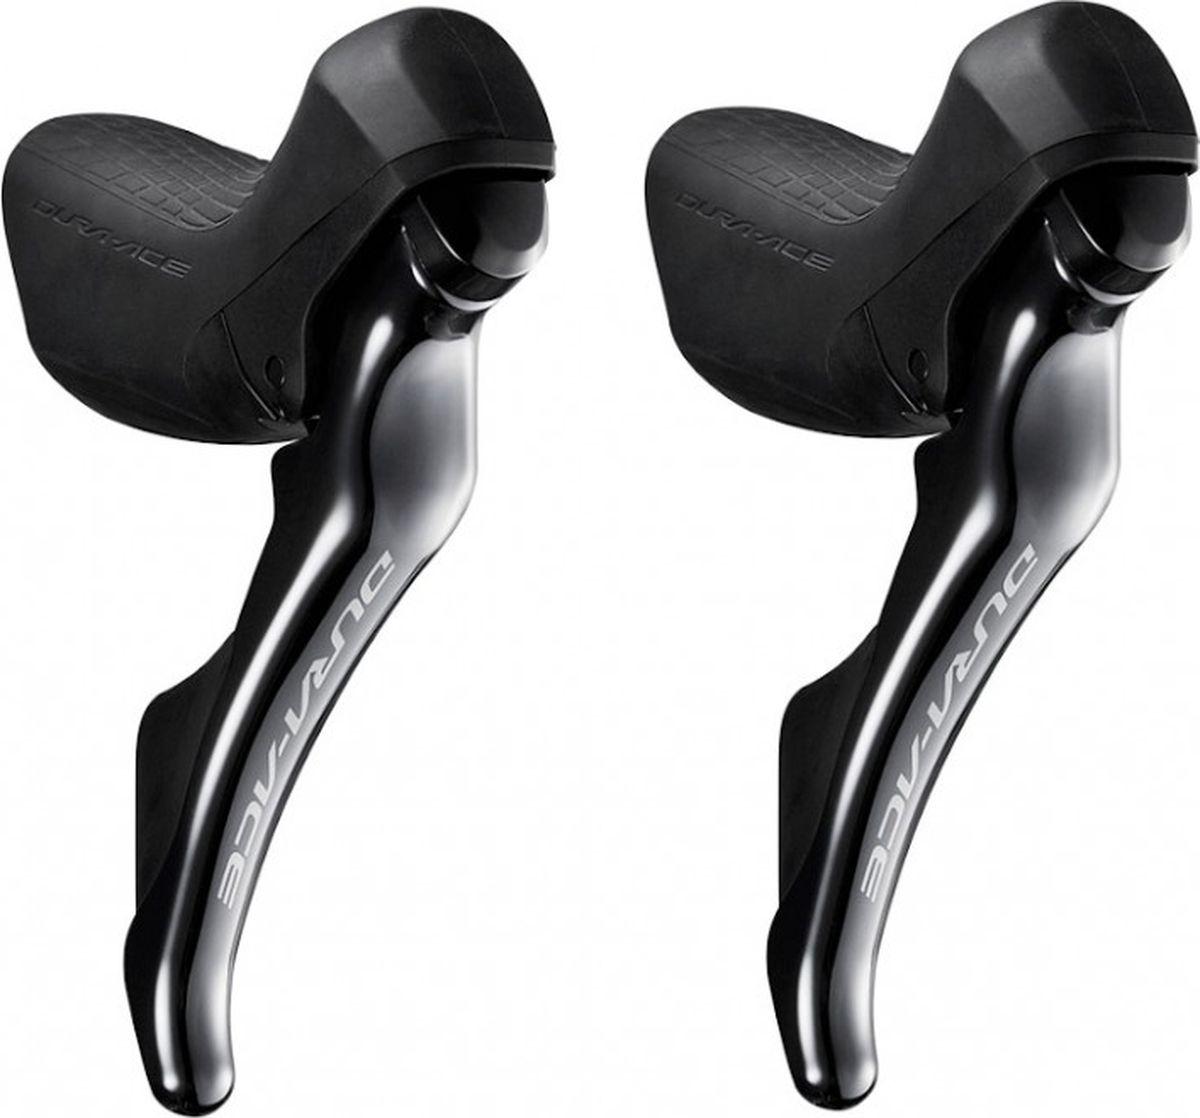 Шифтер/Тормоз Shimano Dura-Ace R9100, 2 x 11 скоростейISTR9100PAШифтер/тормозная ручка Shimano Dura-Ace ST-R9100, комплект 2x11 скоростей, трос и оплетка.